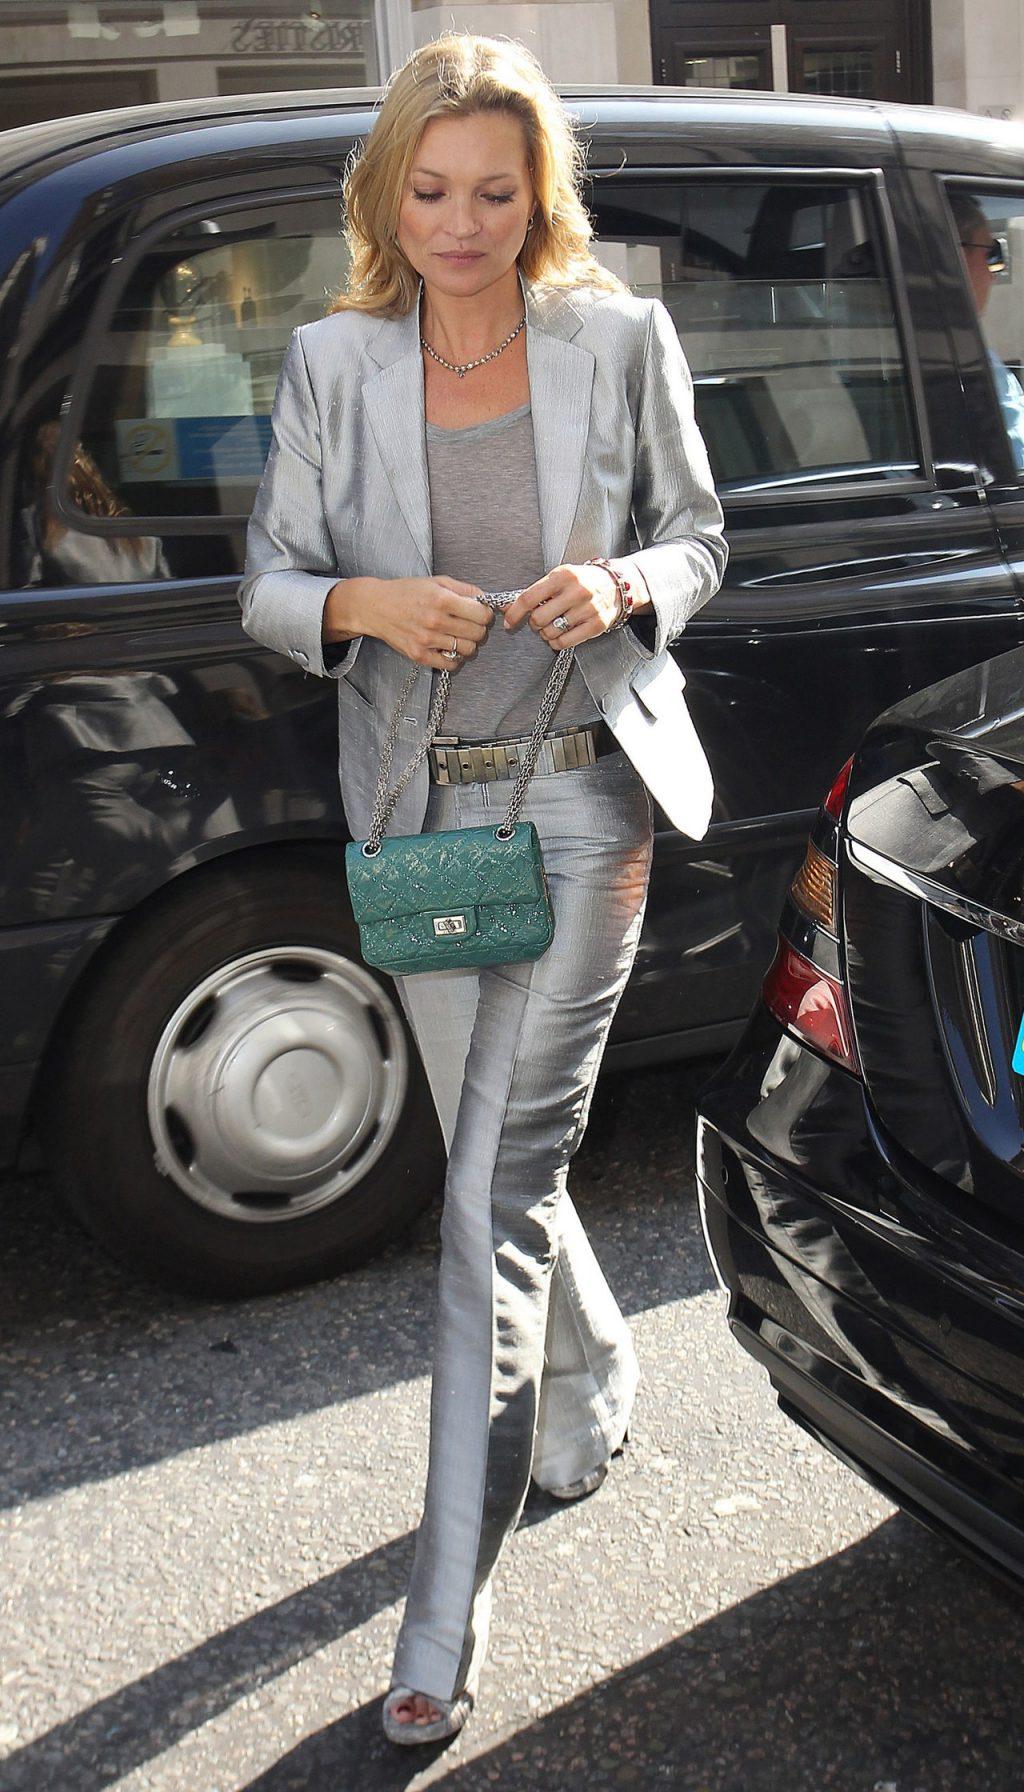 phong cách thời trang siêu mẫu Kate Moss 7